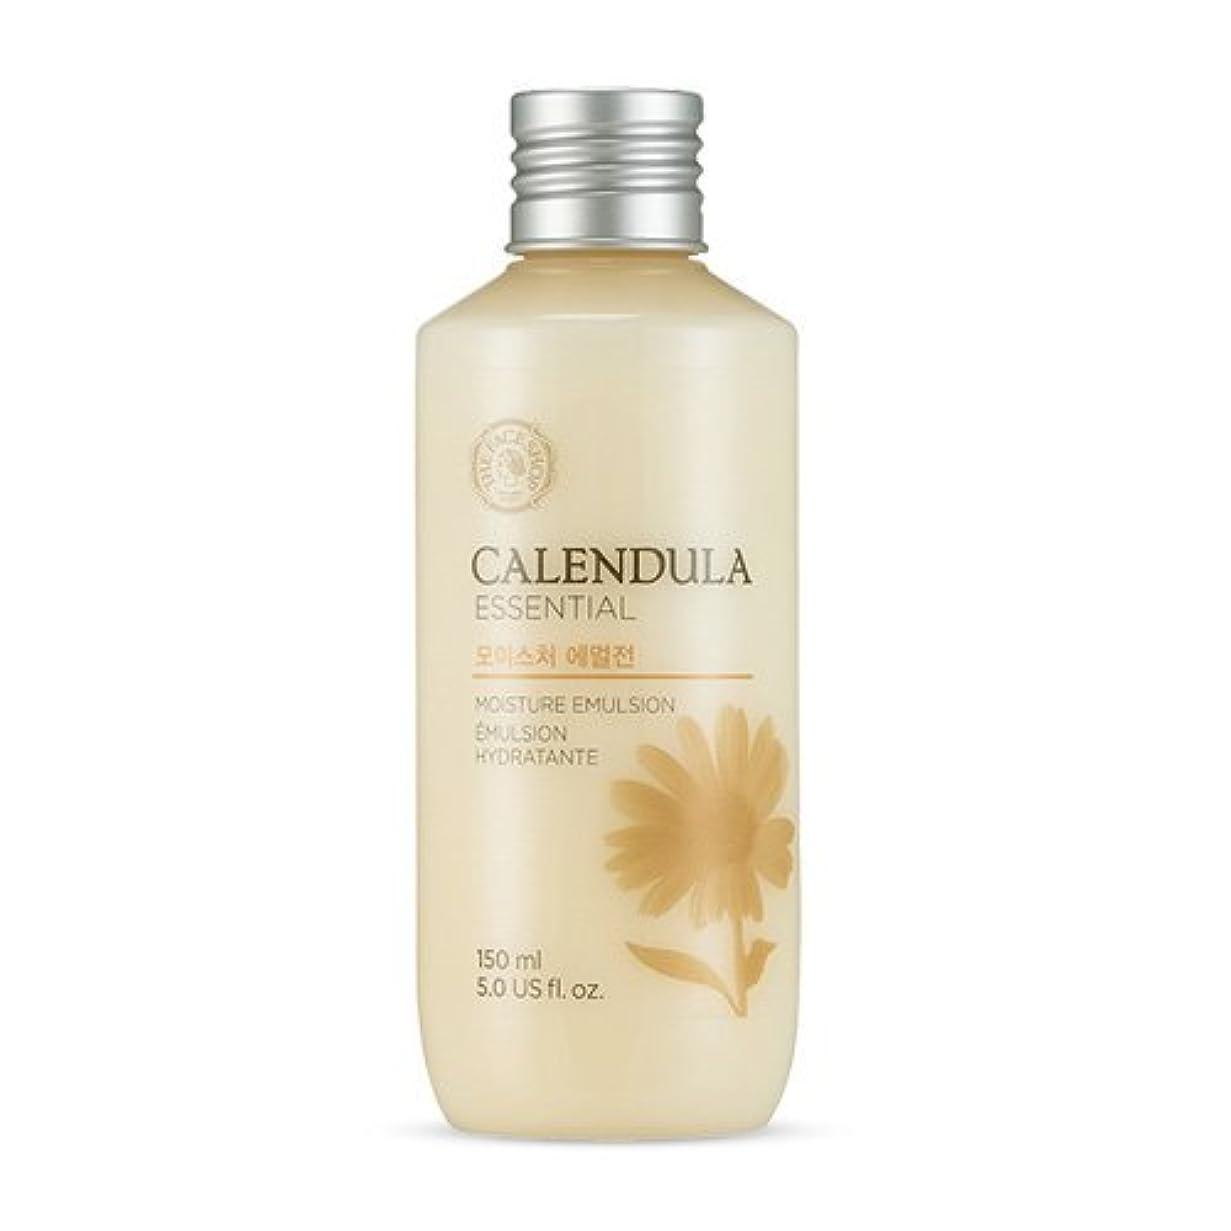 ジャムシンポジウム時THE FACE SHOP Calendula Essential Moisture Emulsion 150ml/ザフェイスショップ カレンデュラ エッセンシャル モイスチャー エマルジョン 150ml